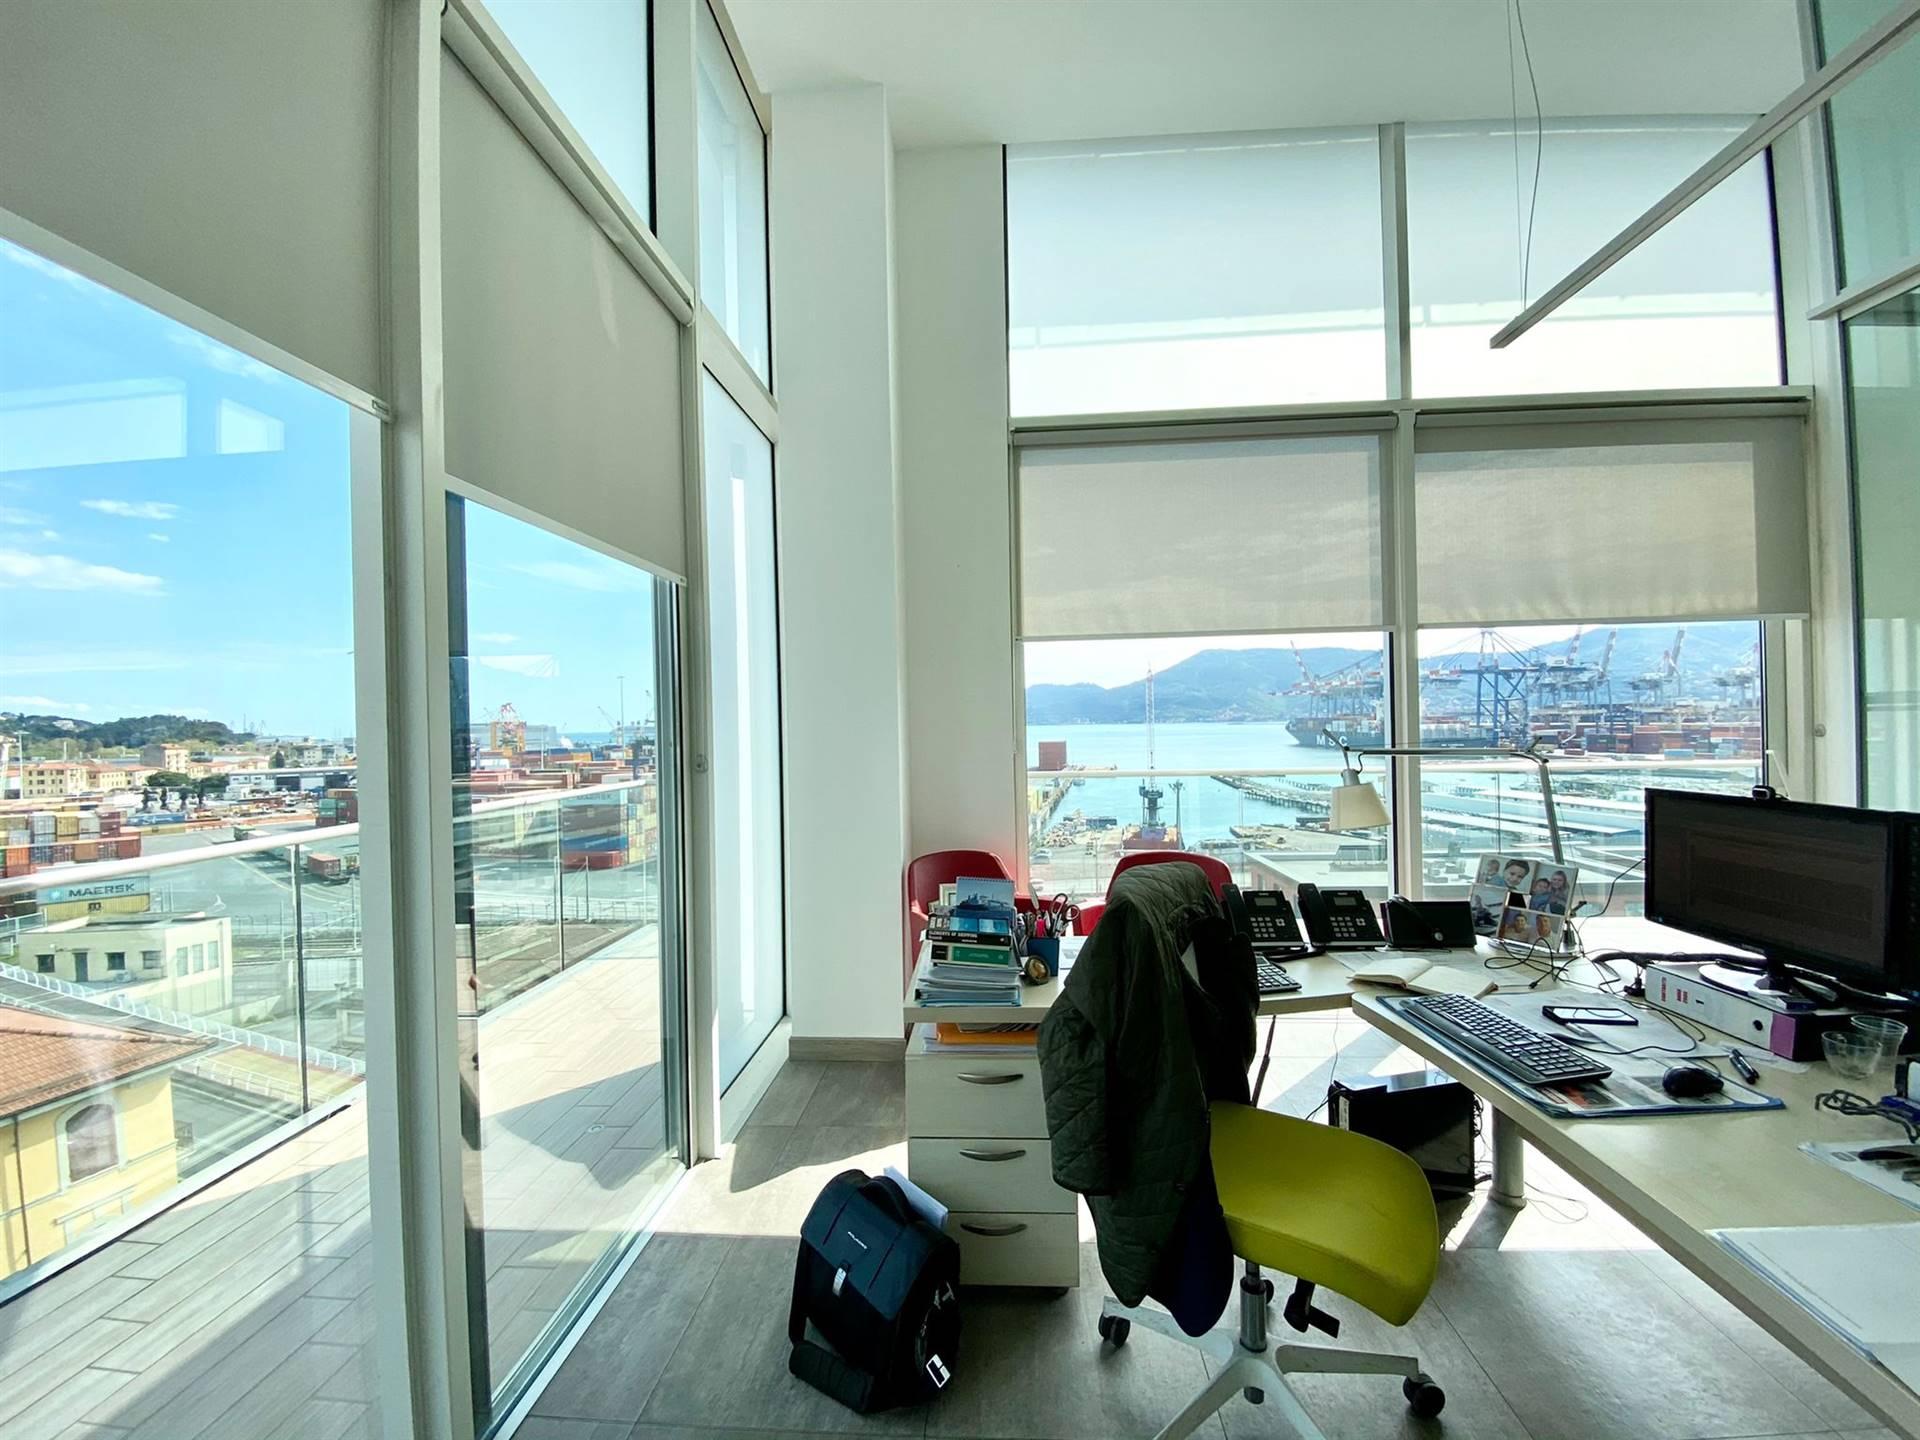 Attico / Mansarda in vendita a La Spezia, 5 locali, zona letto, prezzo € 320.000 | PortaleAgenzieImmobiliari.it